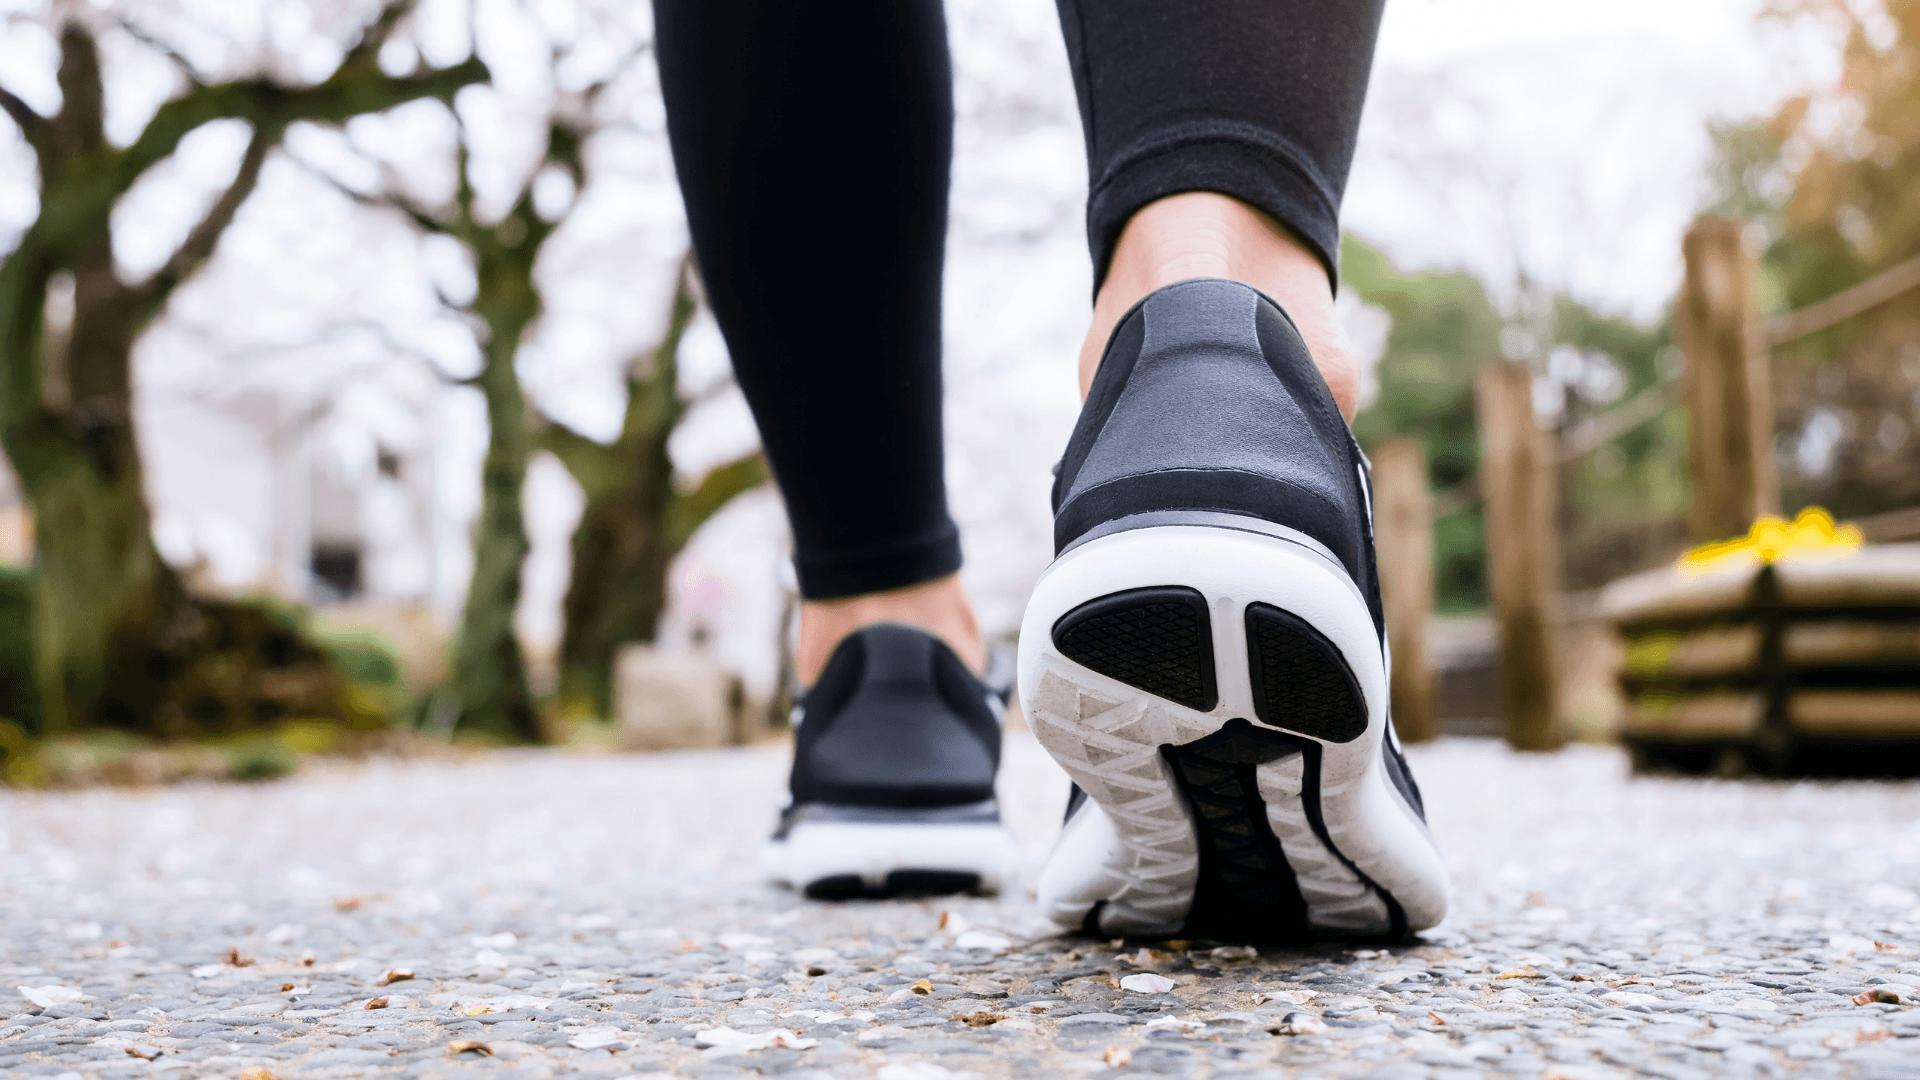 pudota painoa kävelemällä